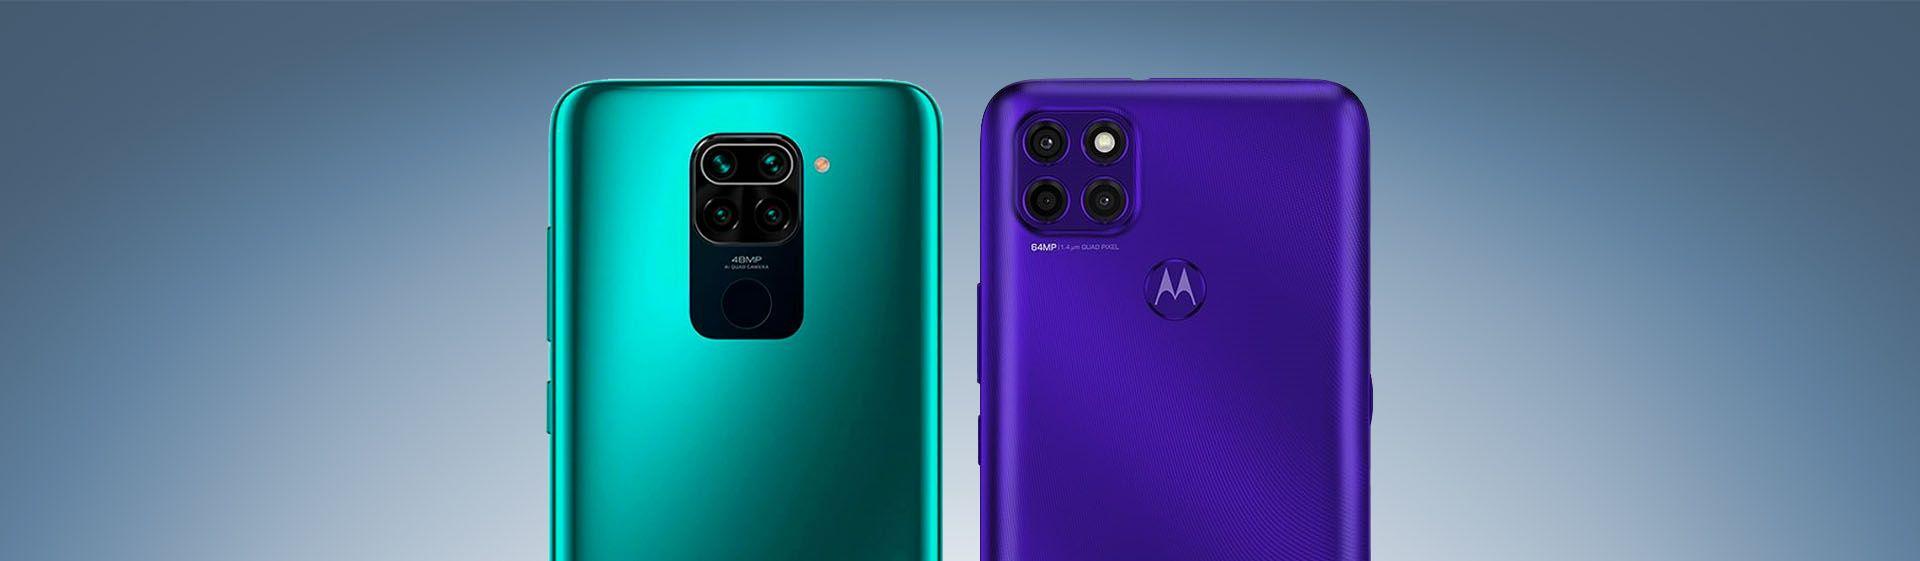 Redmi Note 9 vs Moto G9 Power: comparamos o Xiaomi e o Motorola